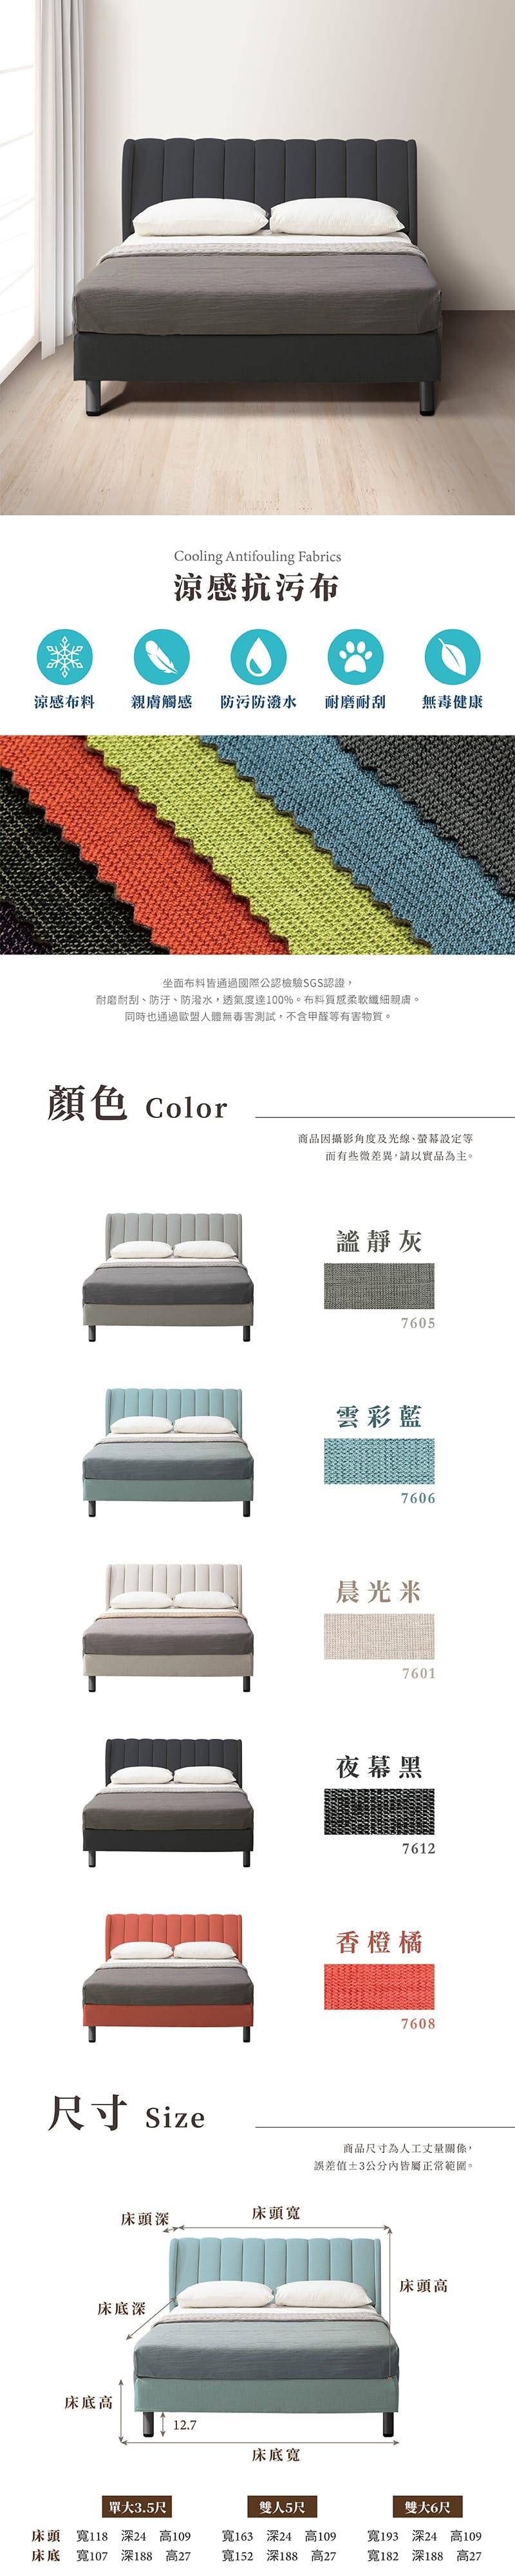 若拉 涼感布床組兩件 雙人5尺(床頭片+床底)